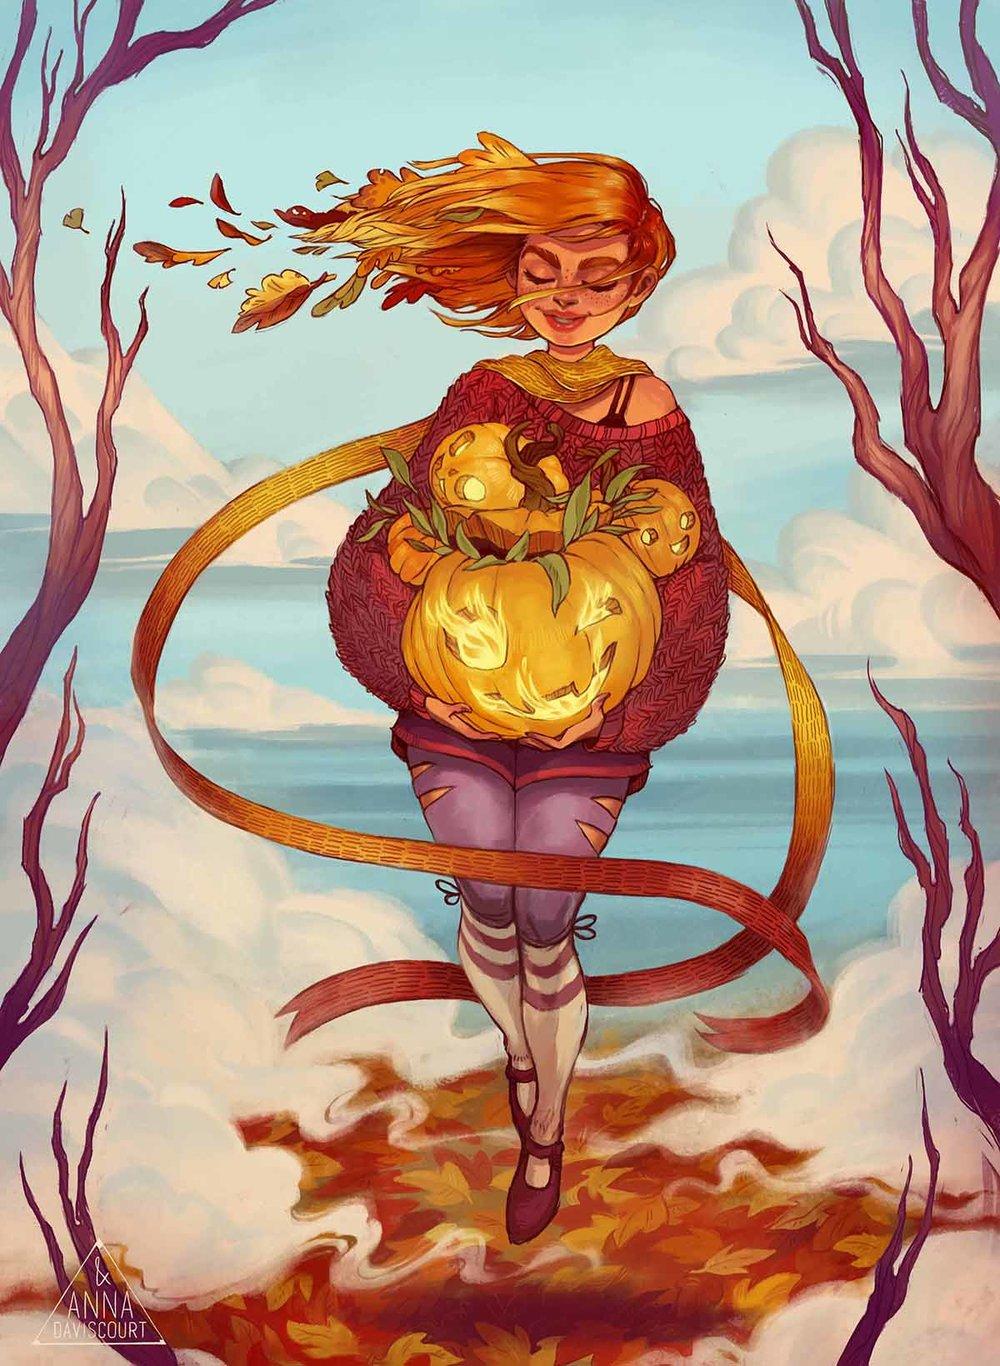 Illustration by Anna Daviscourt .